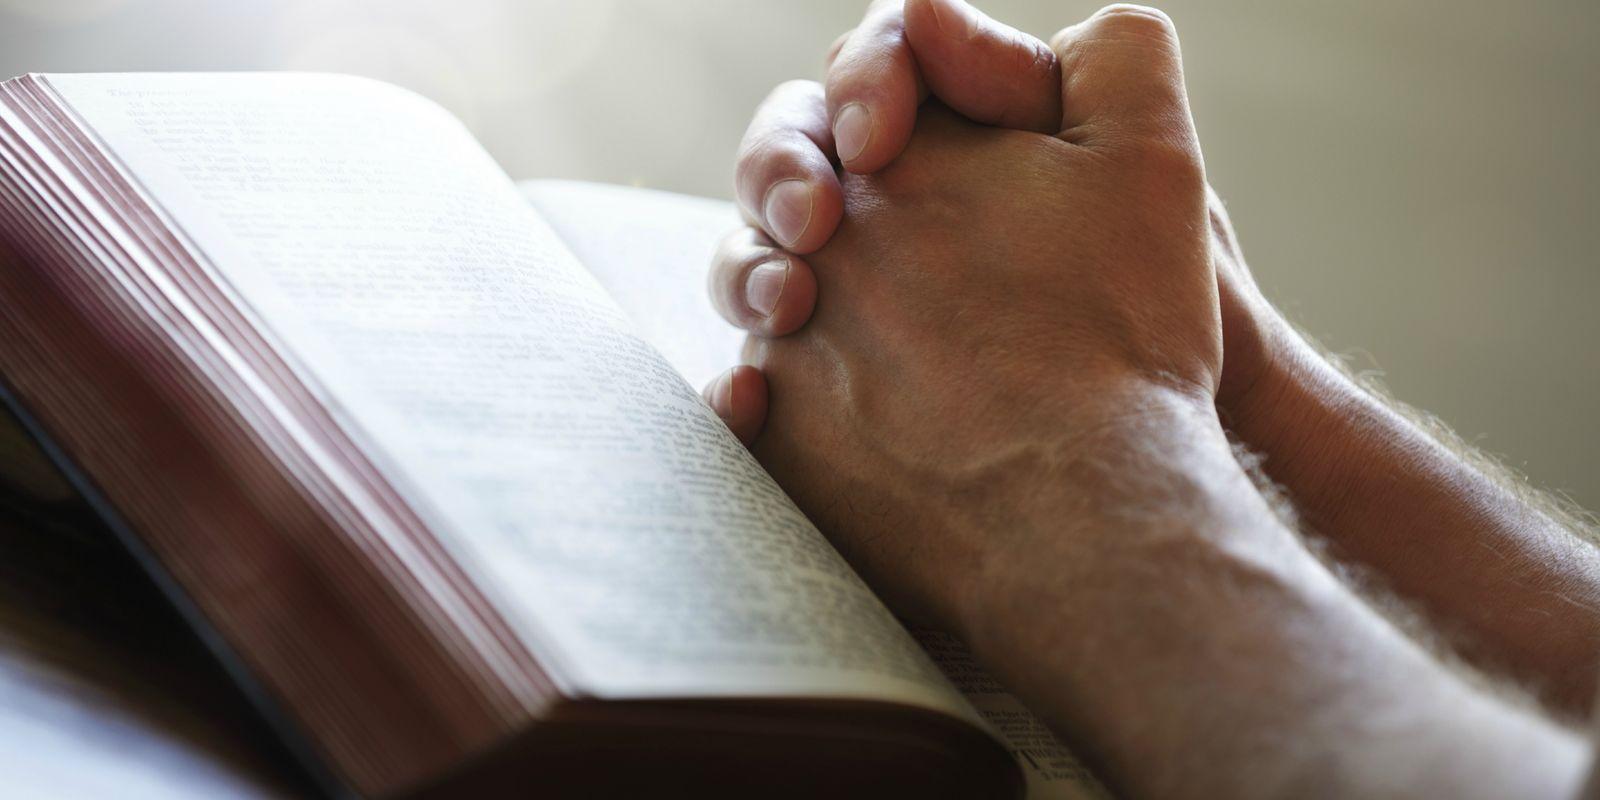 Религиозность может оказаться следствием низкого уровня тестостерона